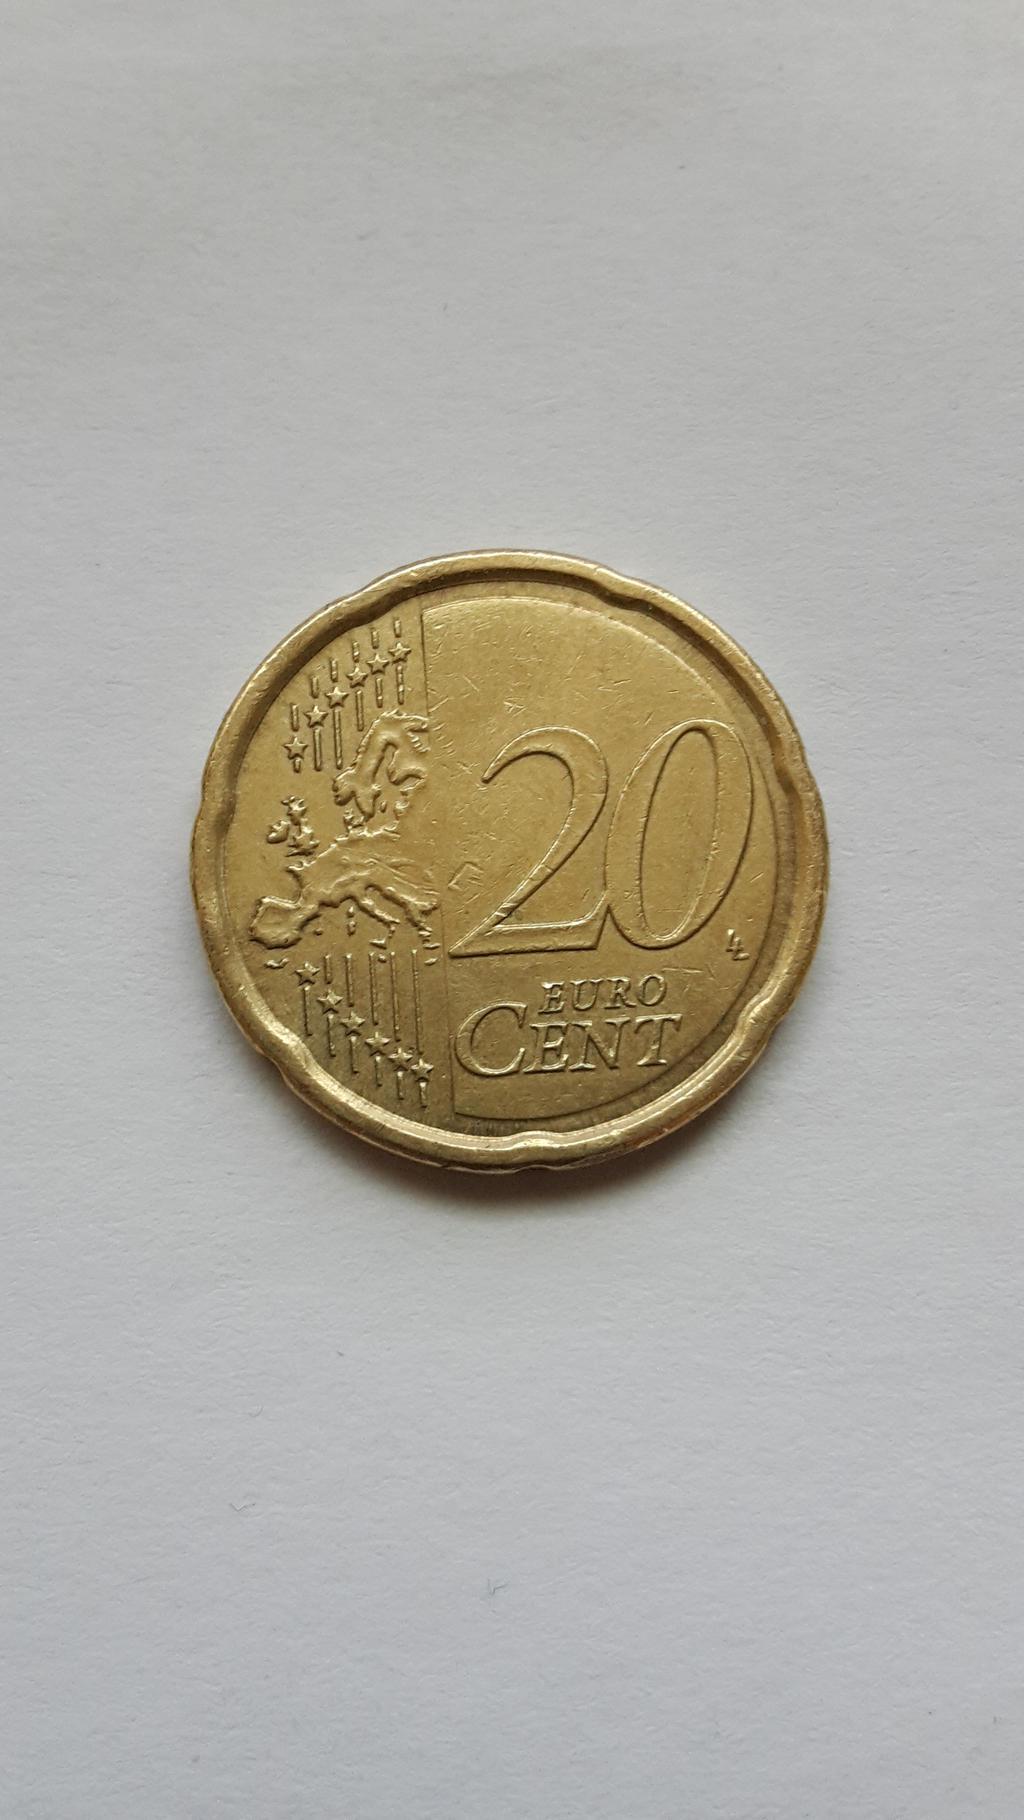 Fehlprägung 20 Cent Numismatikforum